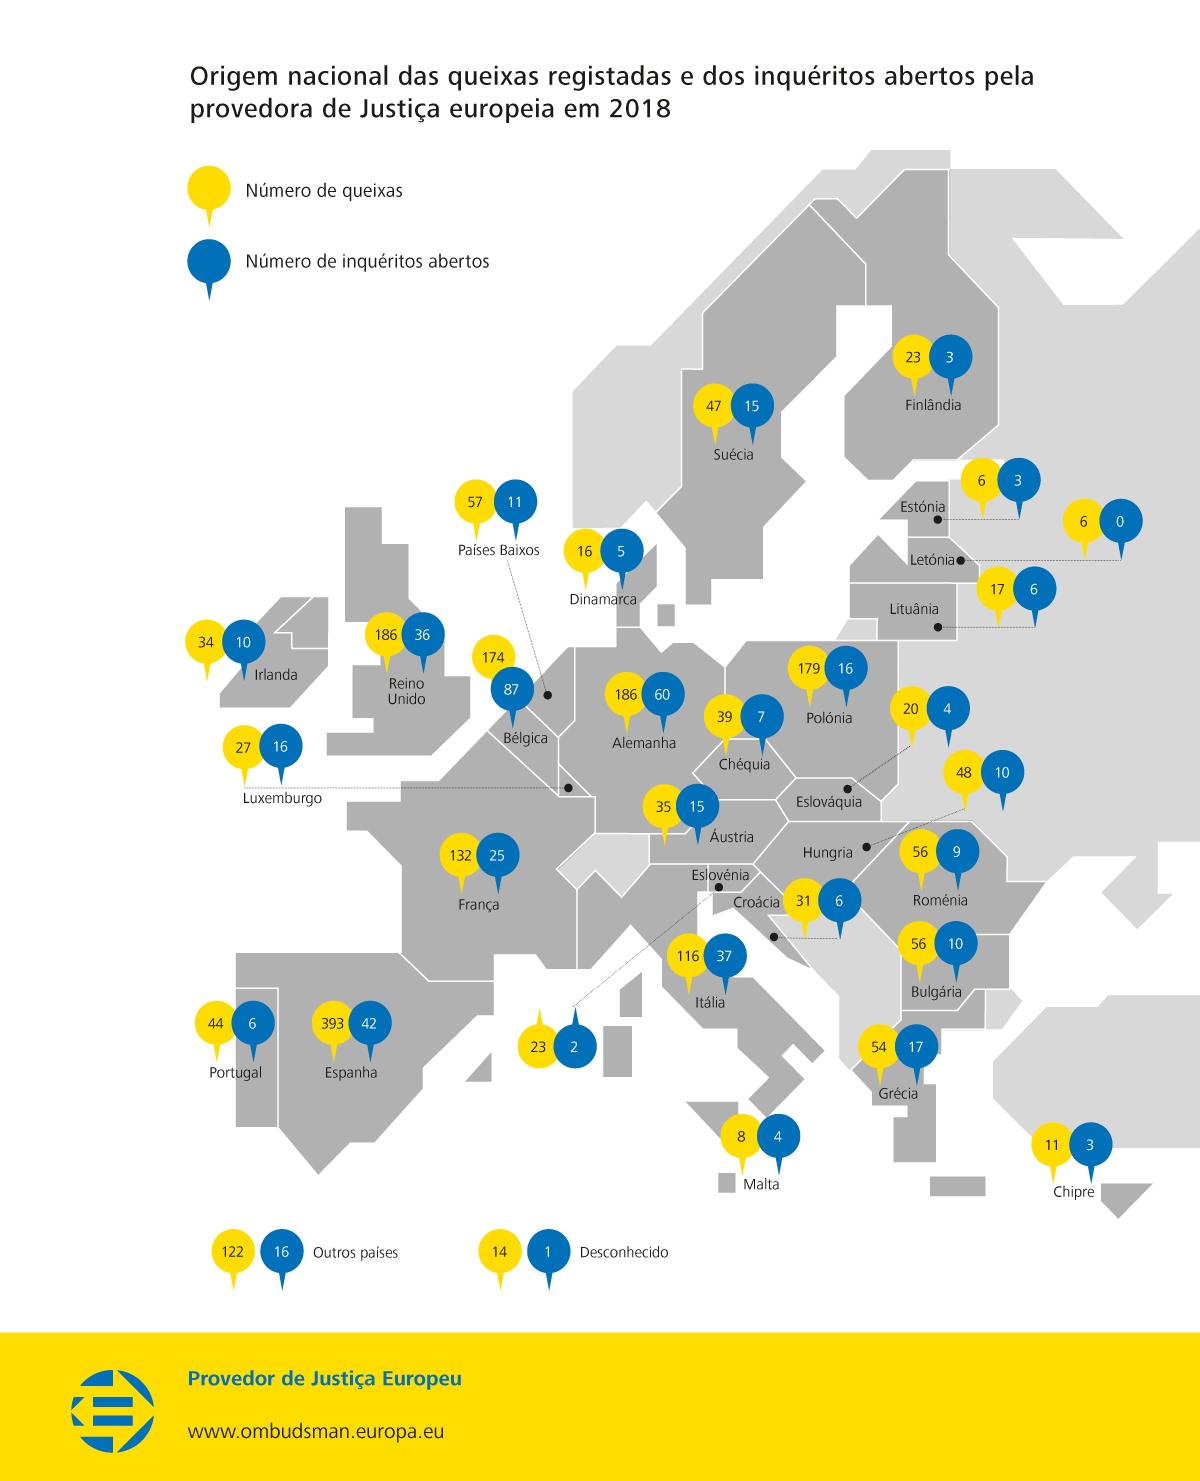 Origem nacional das queixas registadas e dos inquéritos abertos pela provedora de Justiça europeia em 2018